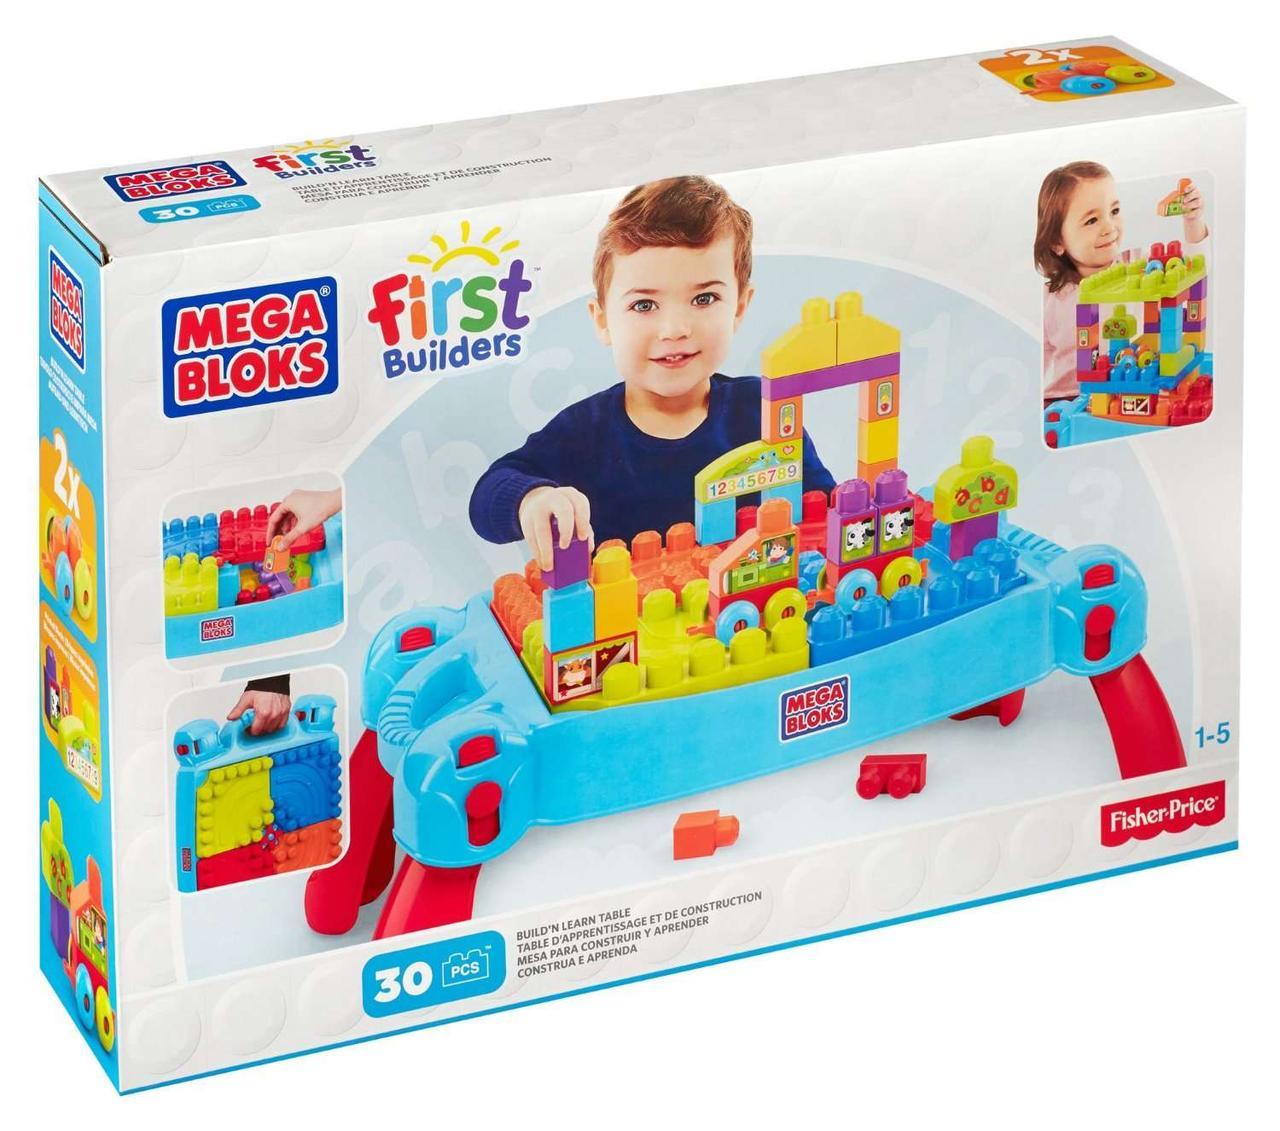 """Конструктор Мега Блокс """"Развивающий столик"""" Mega Bloks (30 деталей), мегаблокс, megabloks CNM42 - """"Toyexpress"""" в Днепре"""